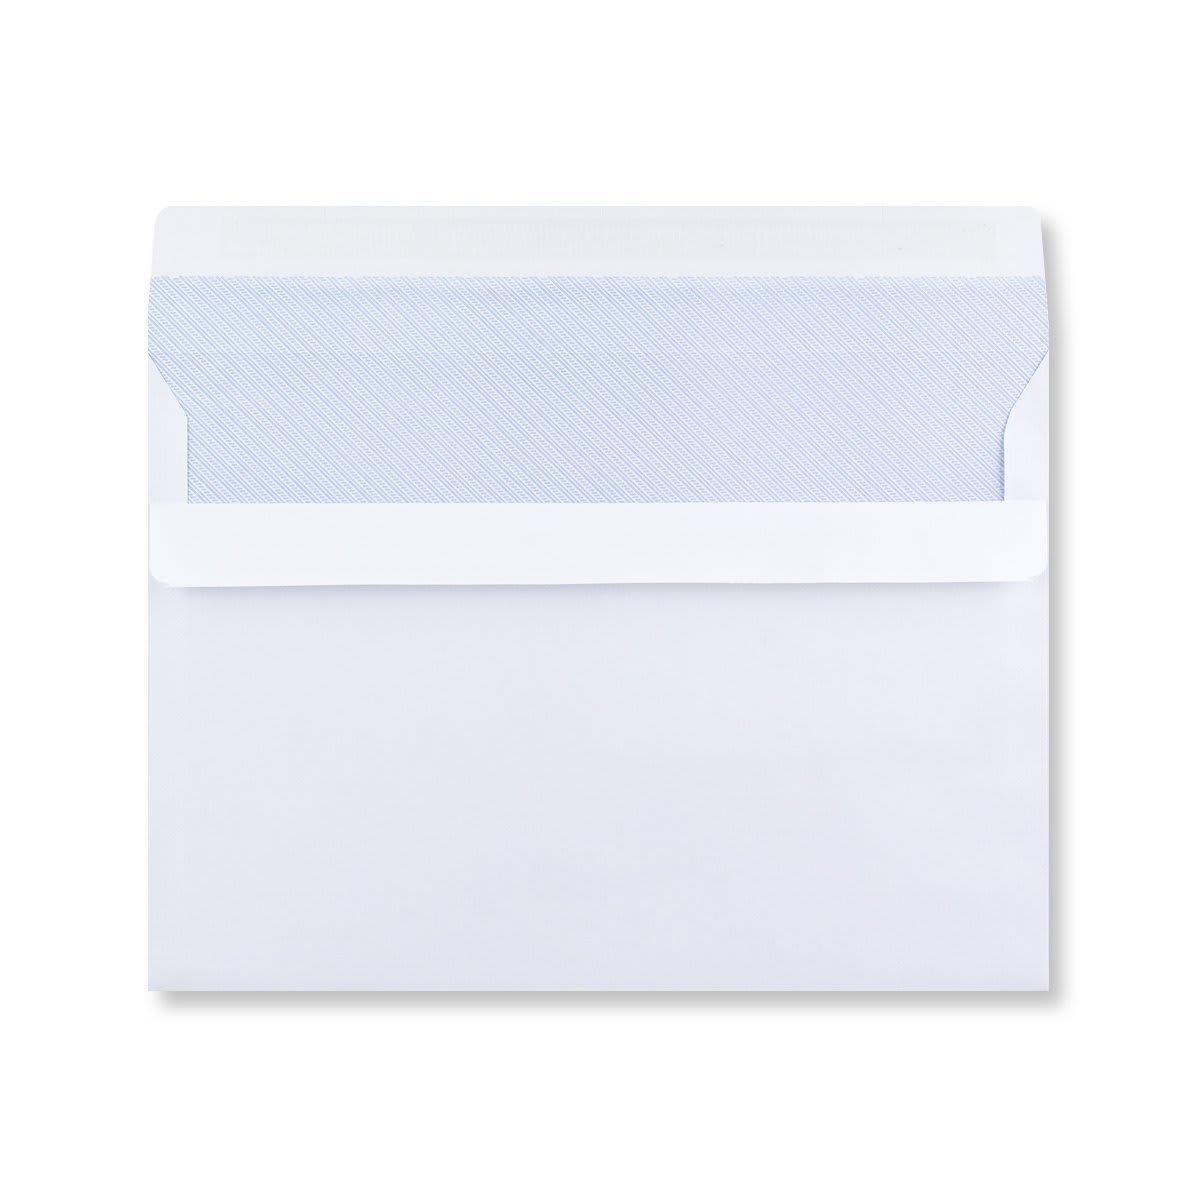 C5 WHITE SELF SEAL WINDOW ENVELOPES